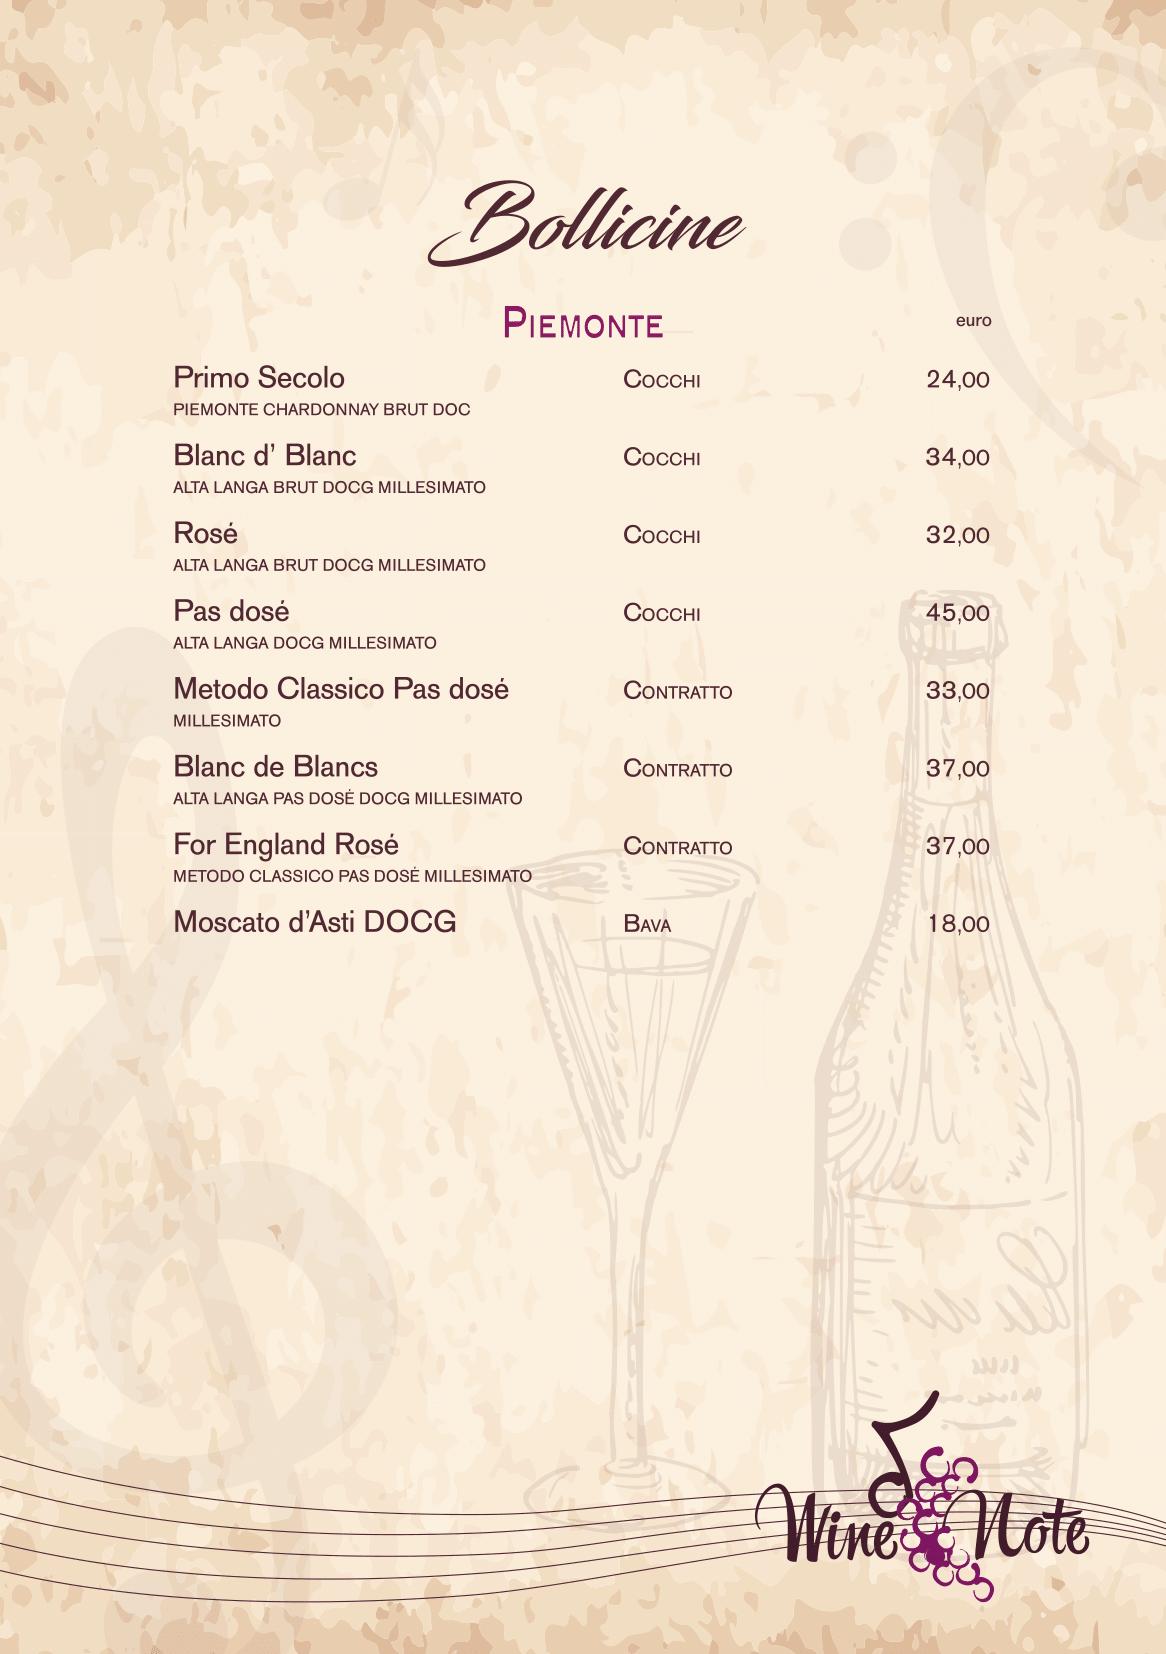 Wine note menu e vini A5-17